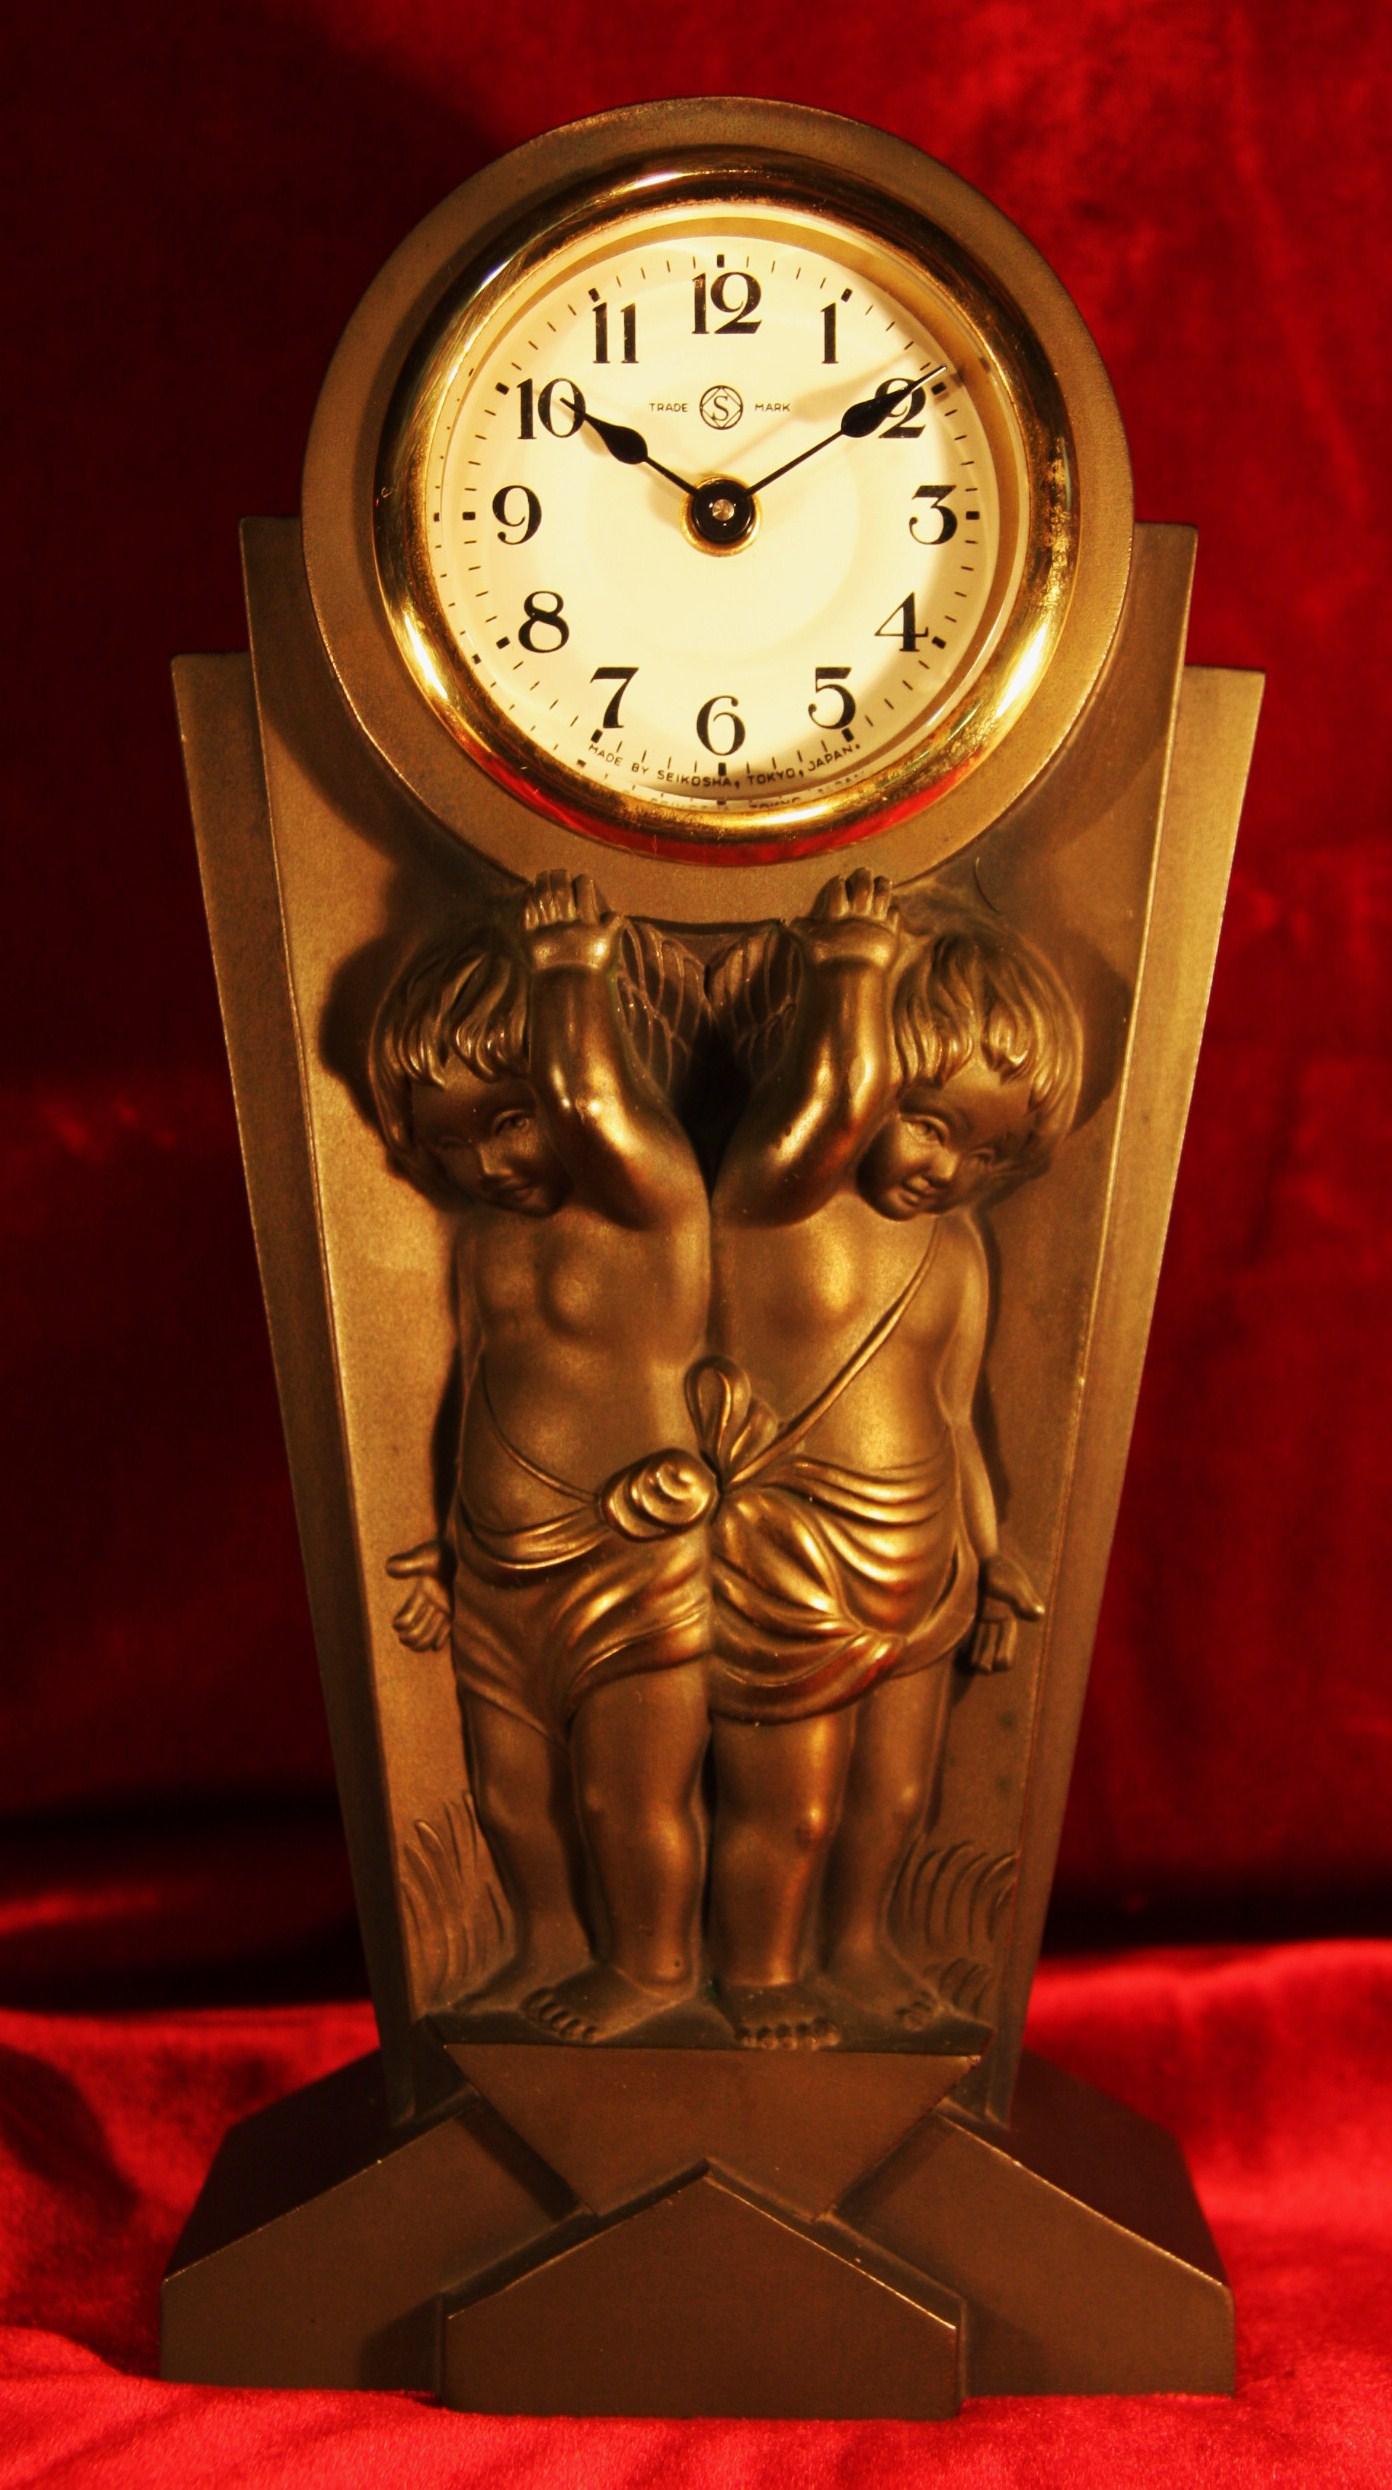 精巧舎 天使の時計 手巻き 1950年代~? 【AW1016】